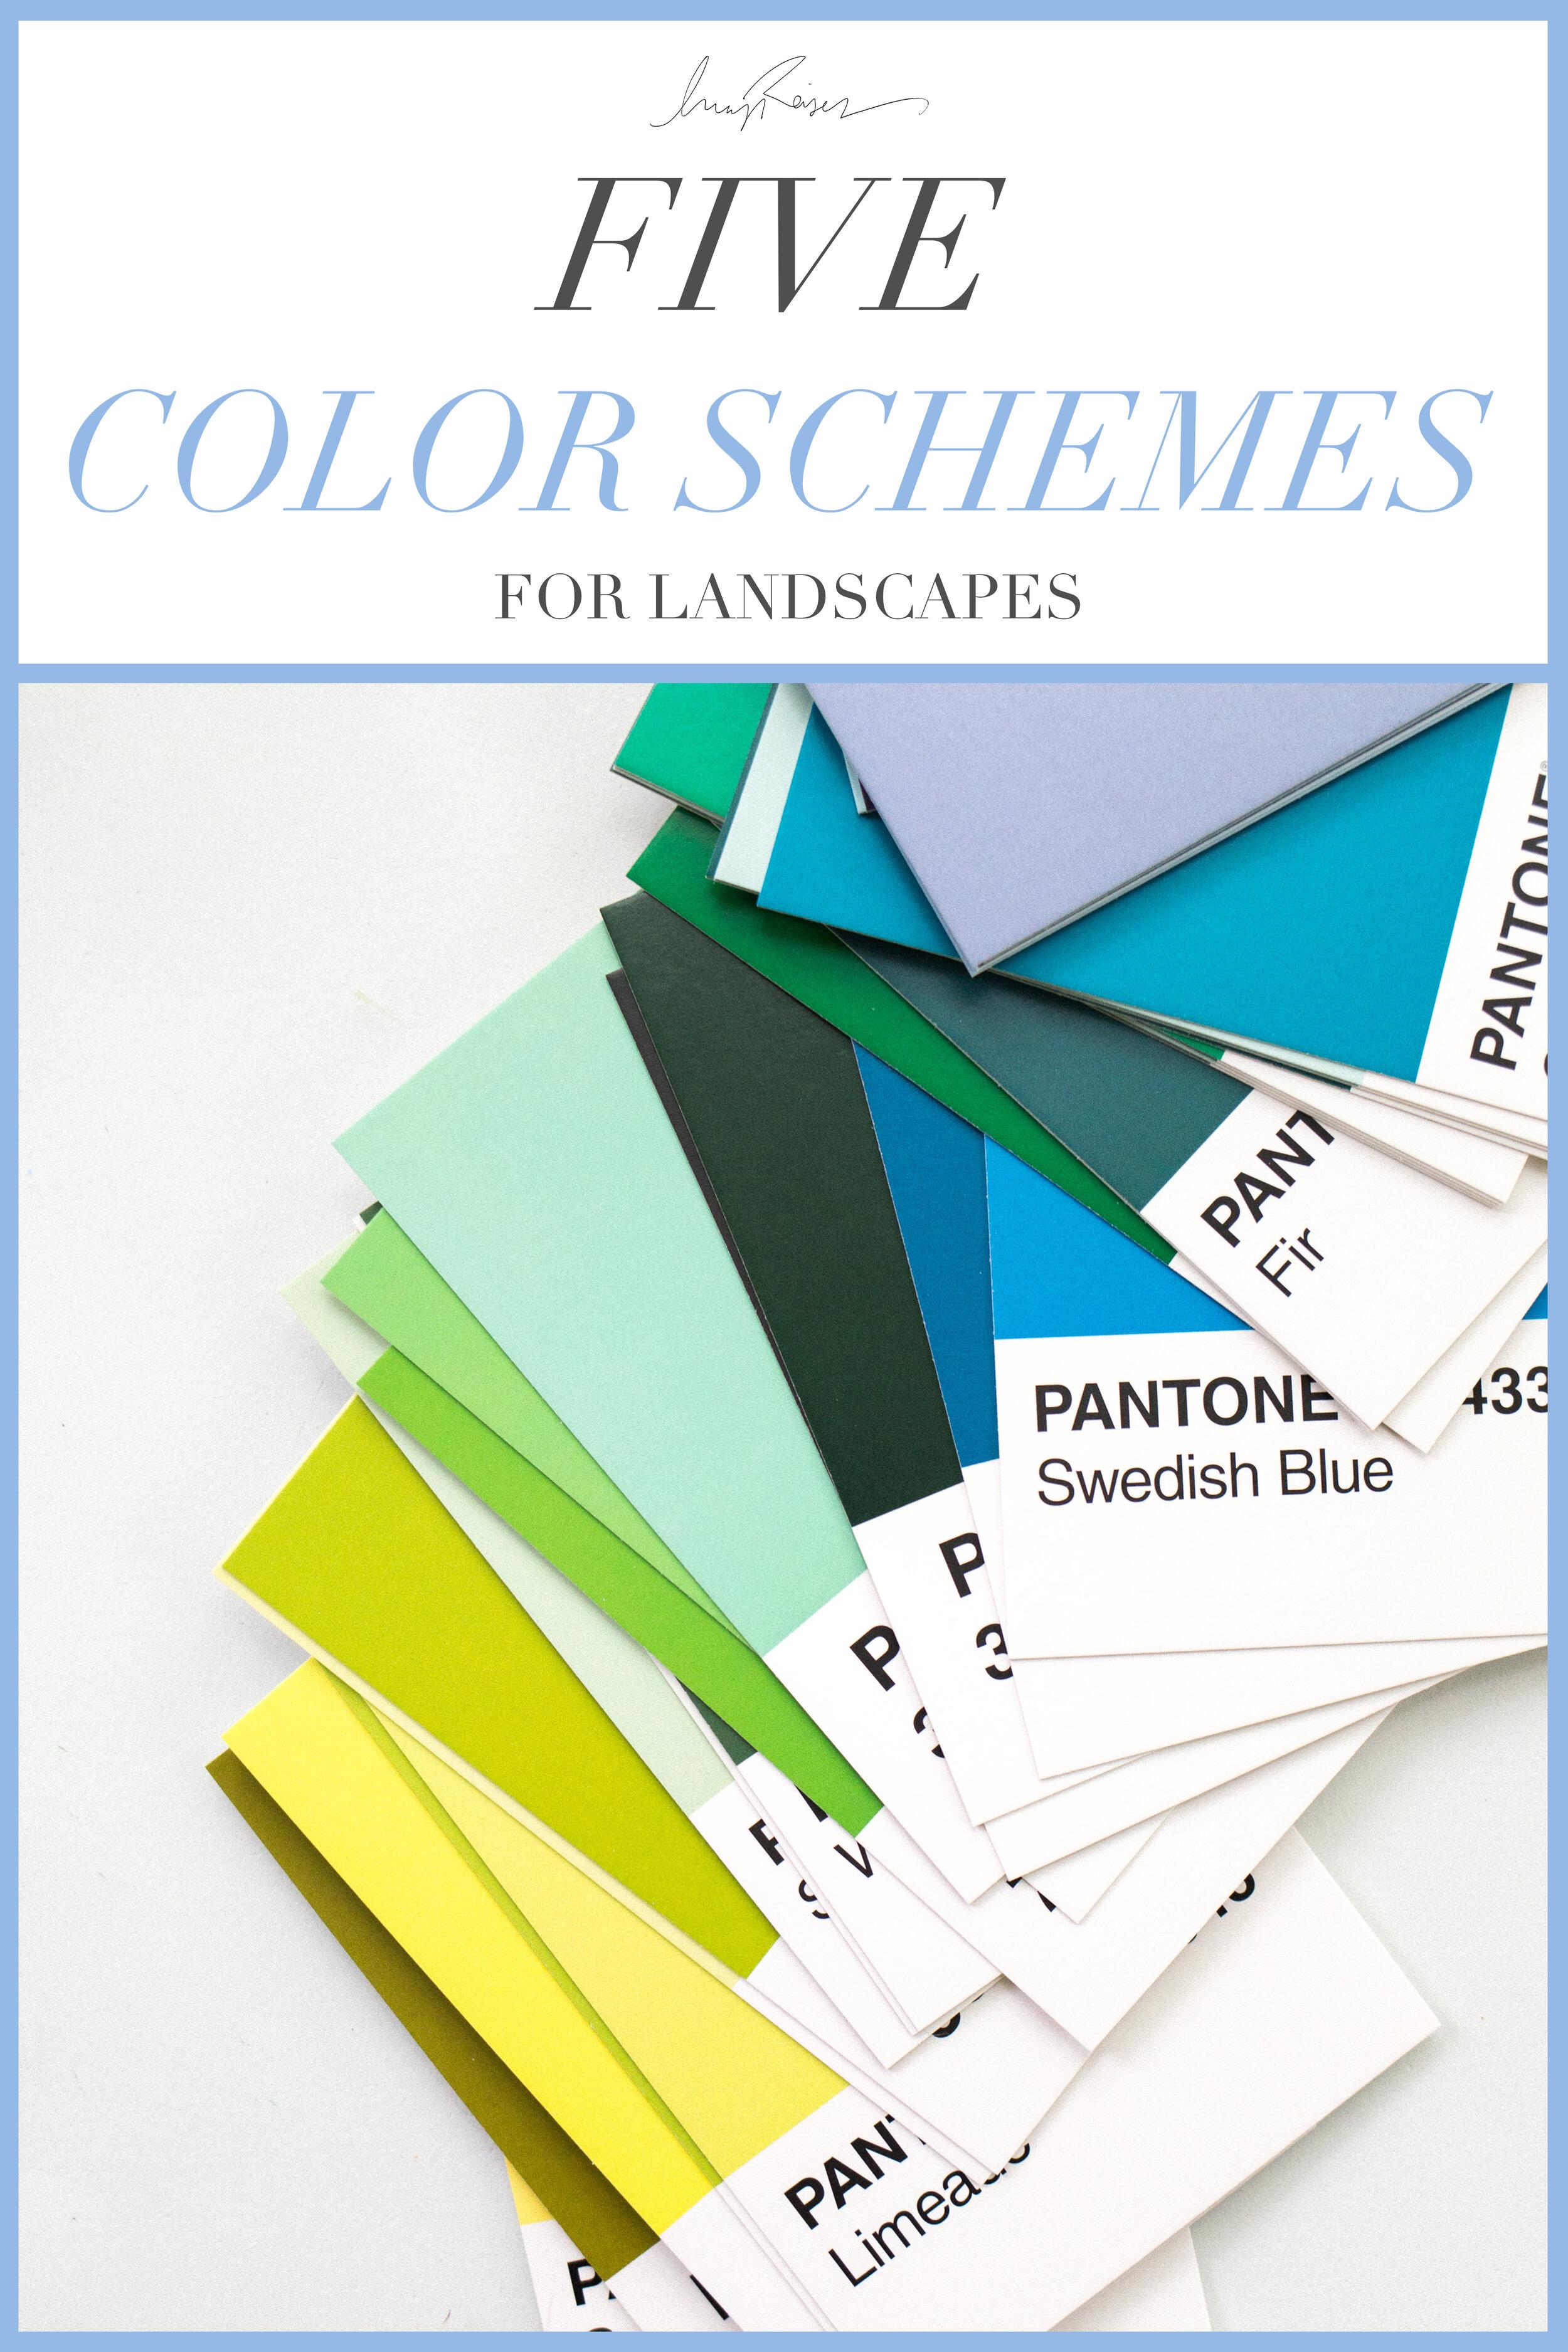 5colorschemescover.jpg